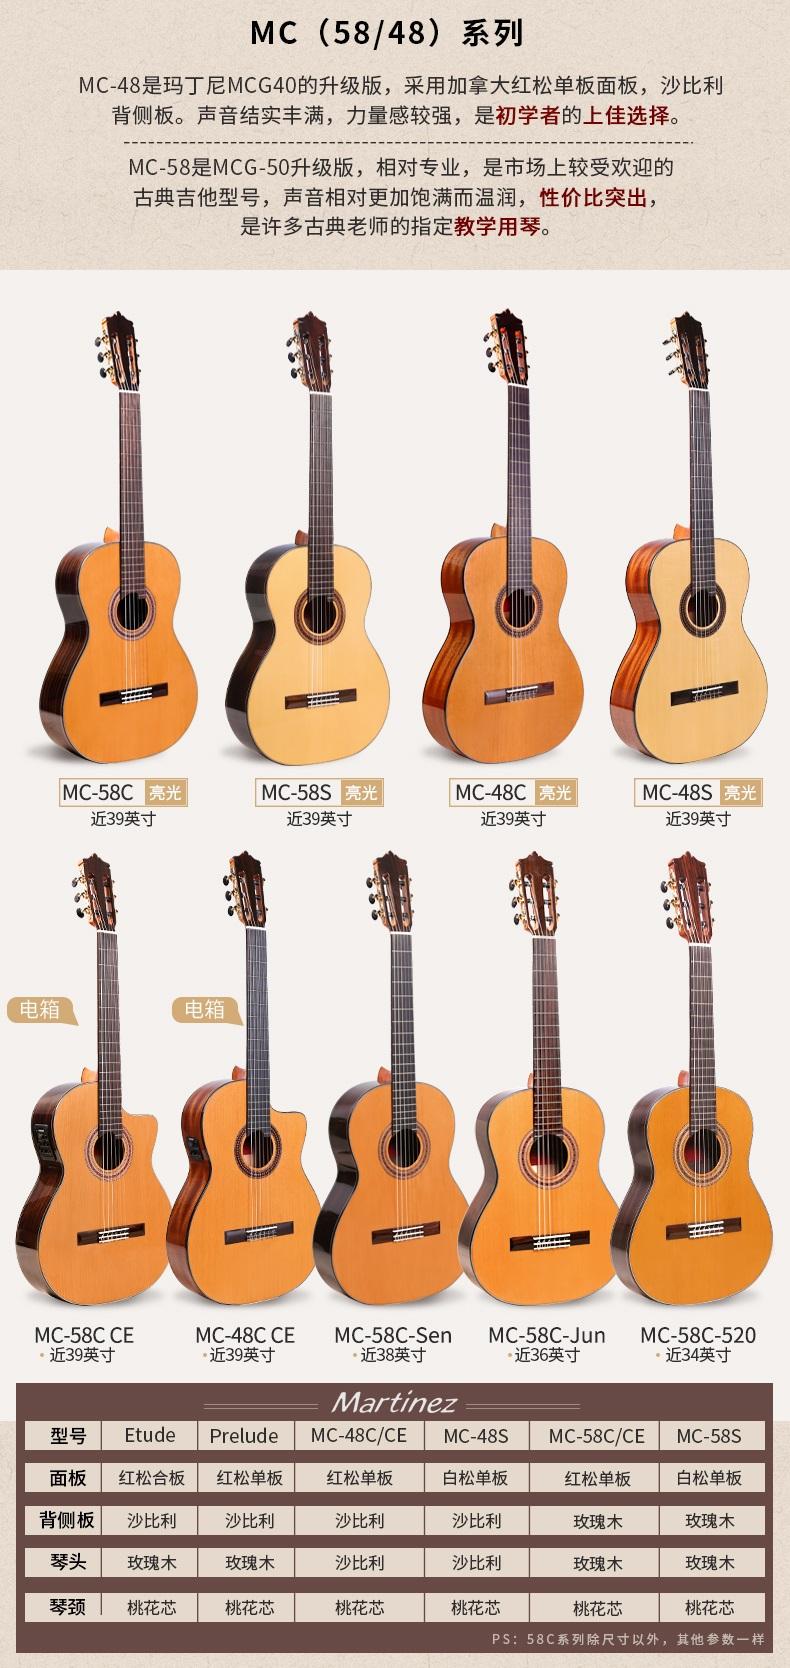 北京女生用尤克里里多少钱_吉他弹拨类乐器品牌排行-河南欧乐乐器批发有限公司